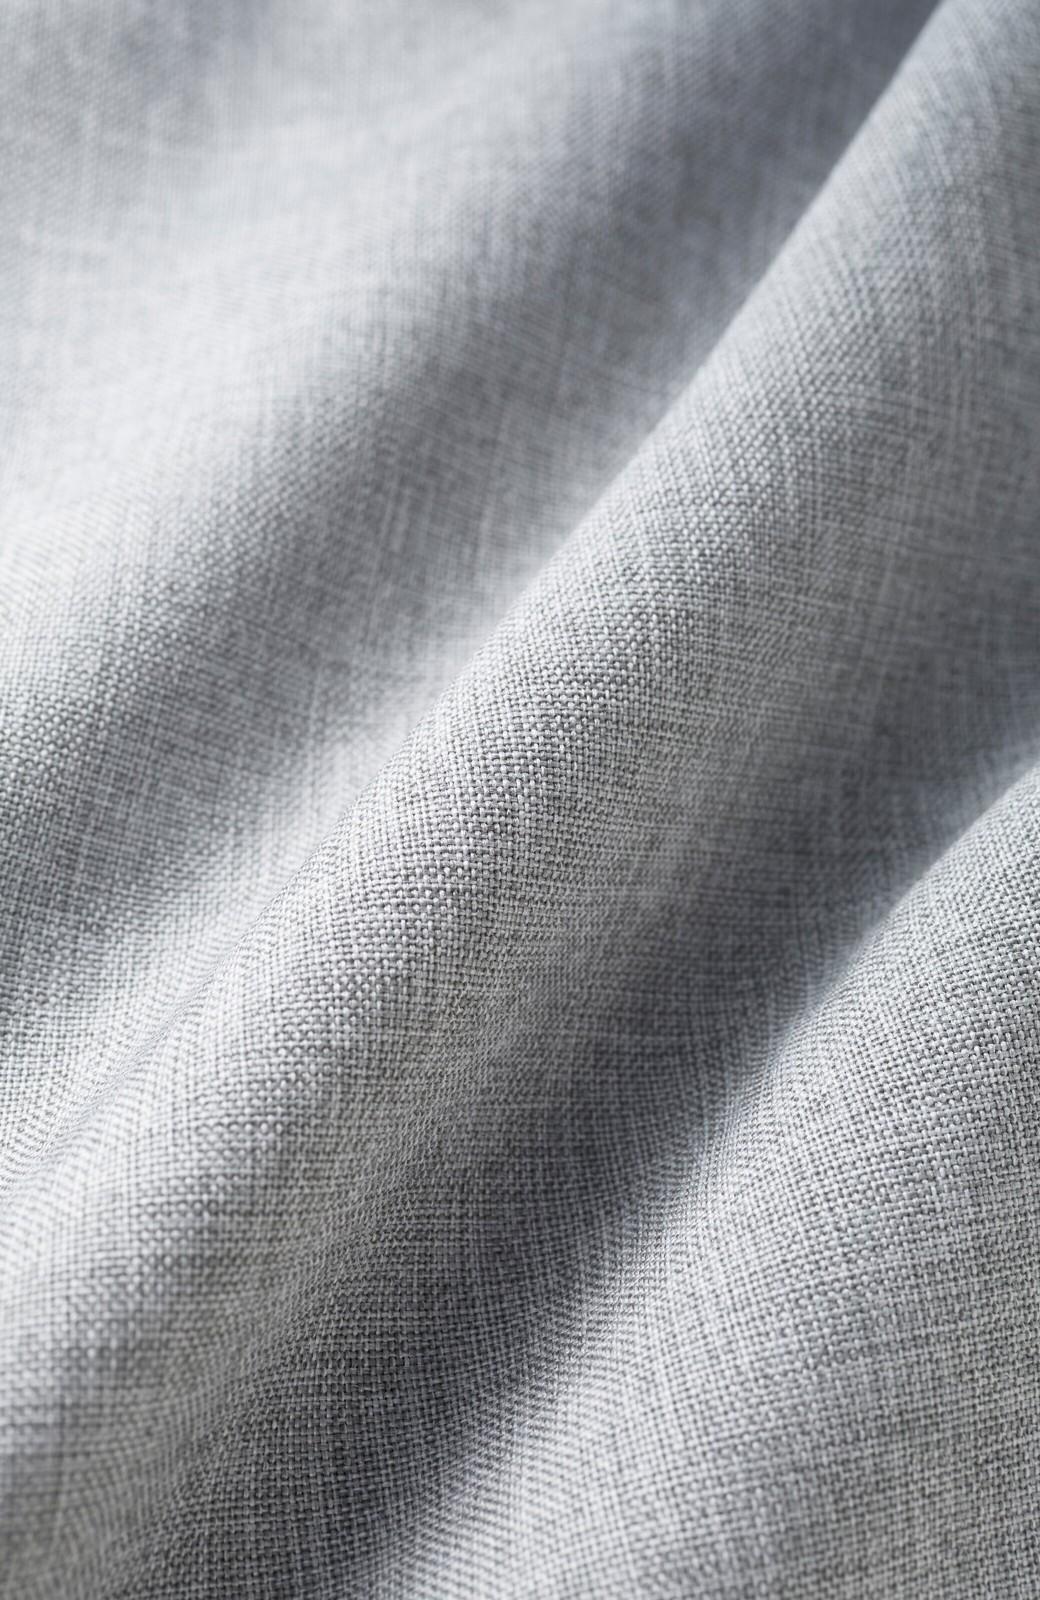 haco! パンツ派だけどきれいでいたい!を叶えてくれる 麻風素材のラップデザインパンツ <ライトグレー>の商品写真3